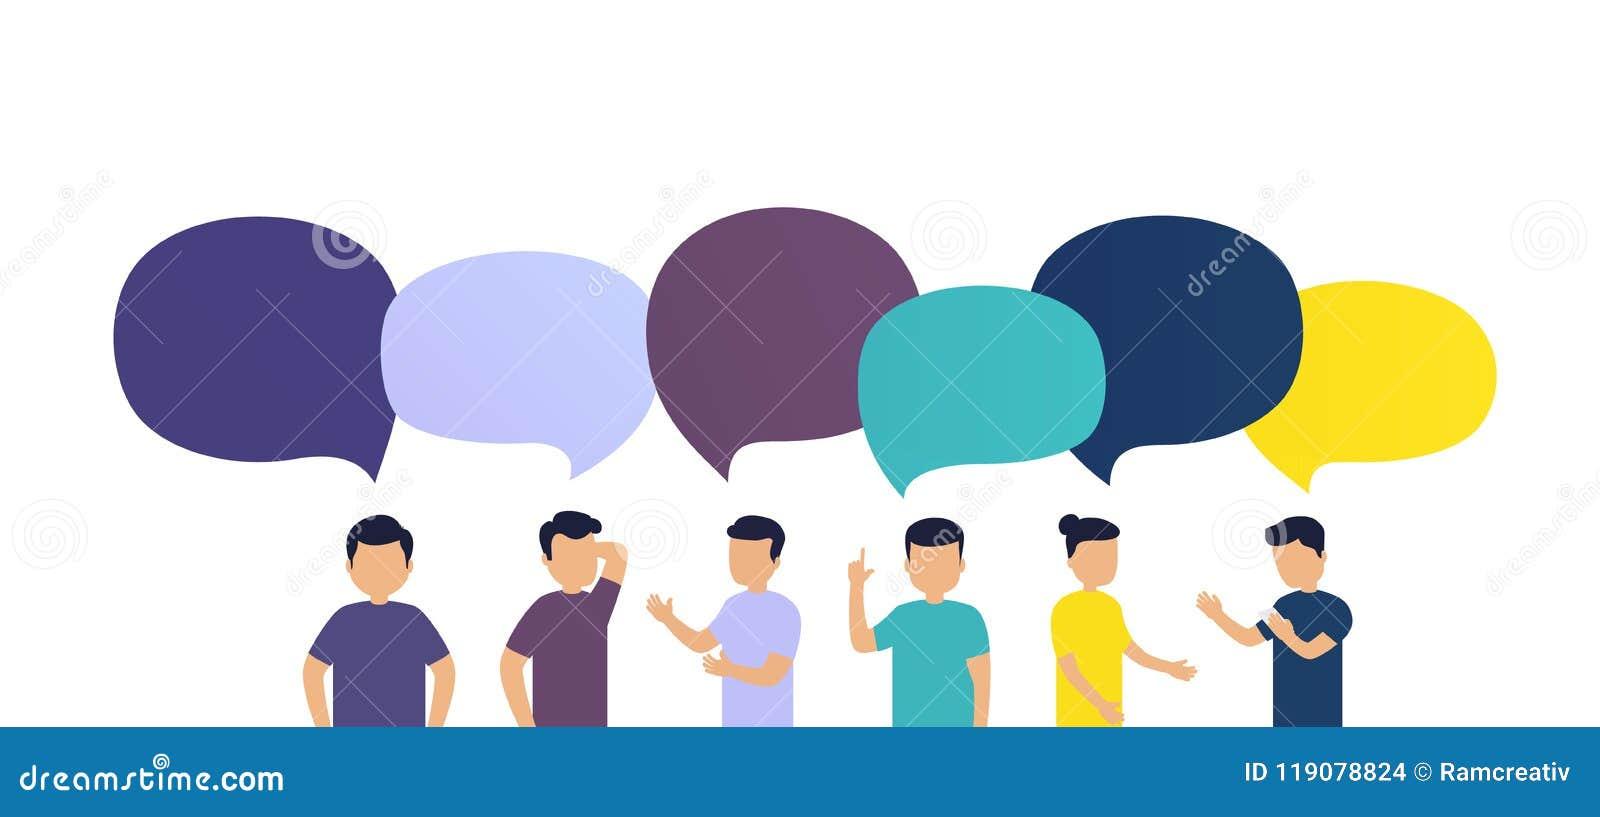 Οι άνθρωποι συζητούν τις ειδήσεις ο ένας με τον άλλον Ανταλλαγή των μηνυμάτων ή των ιδεών, λεκτικές φυσαλίδες σχετικά με το άσπρο